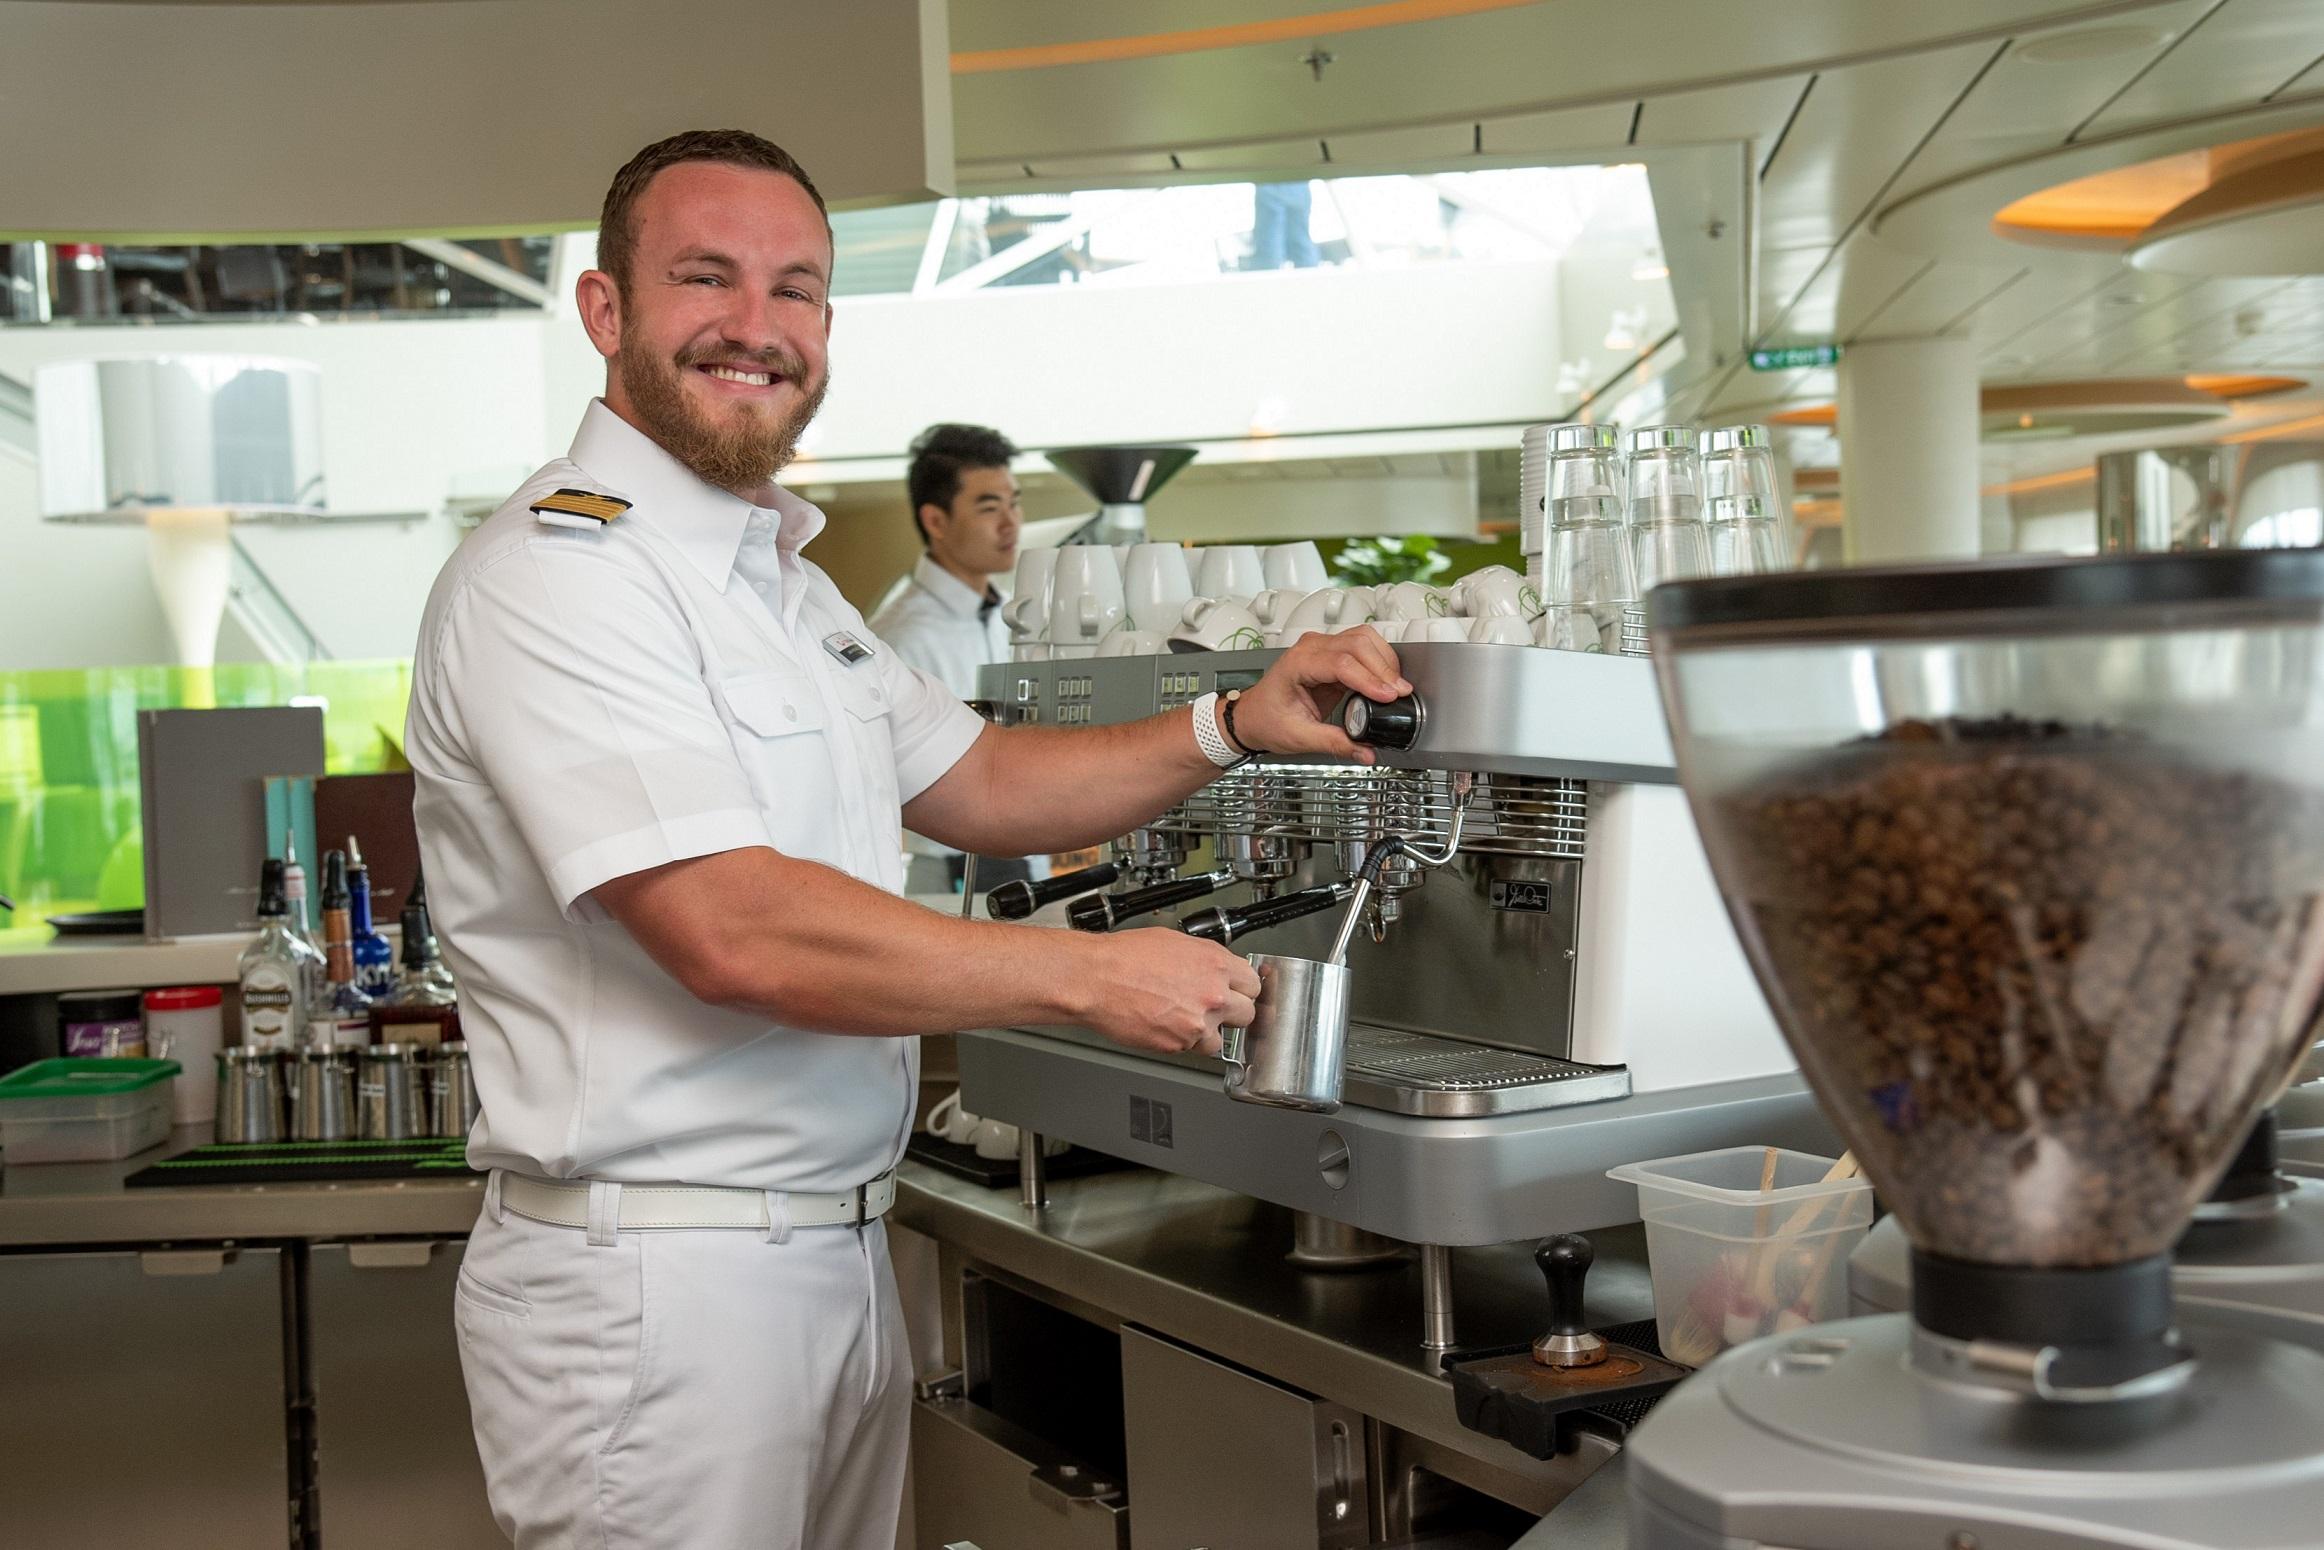 Mit einem Kaffee in der Hand die Weite des Meeres genießen - für Kapitän Jan Fortun ein tolles Gefühl